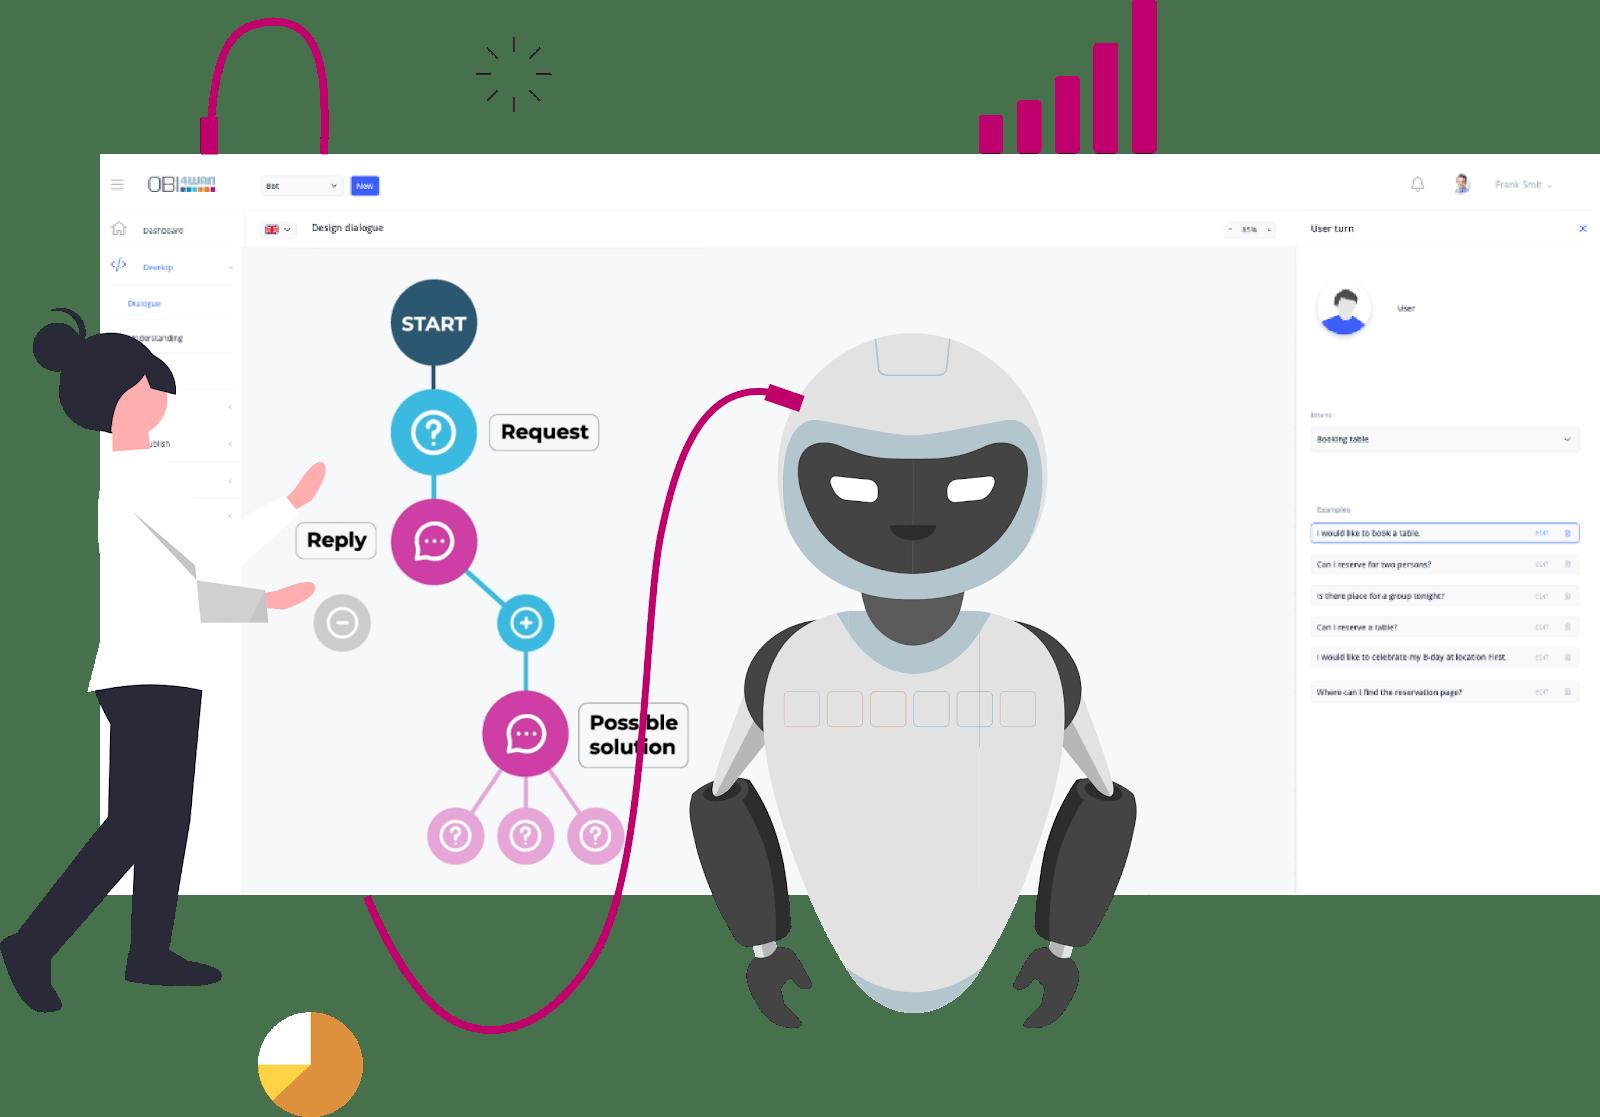 OBI4wan - chatbot